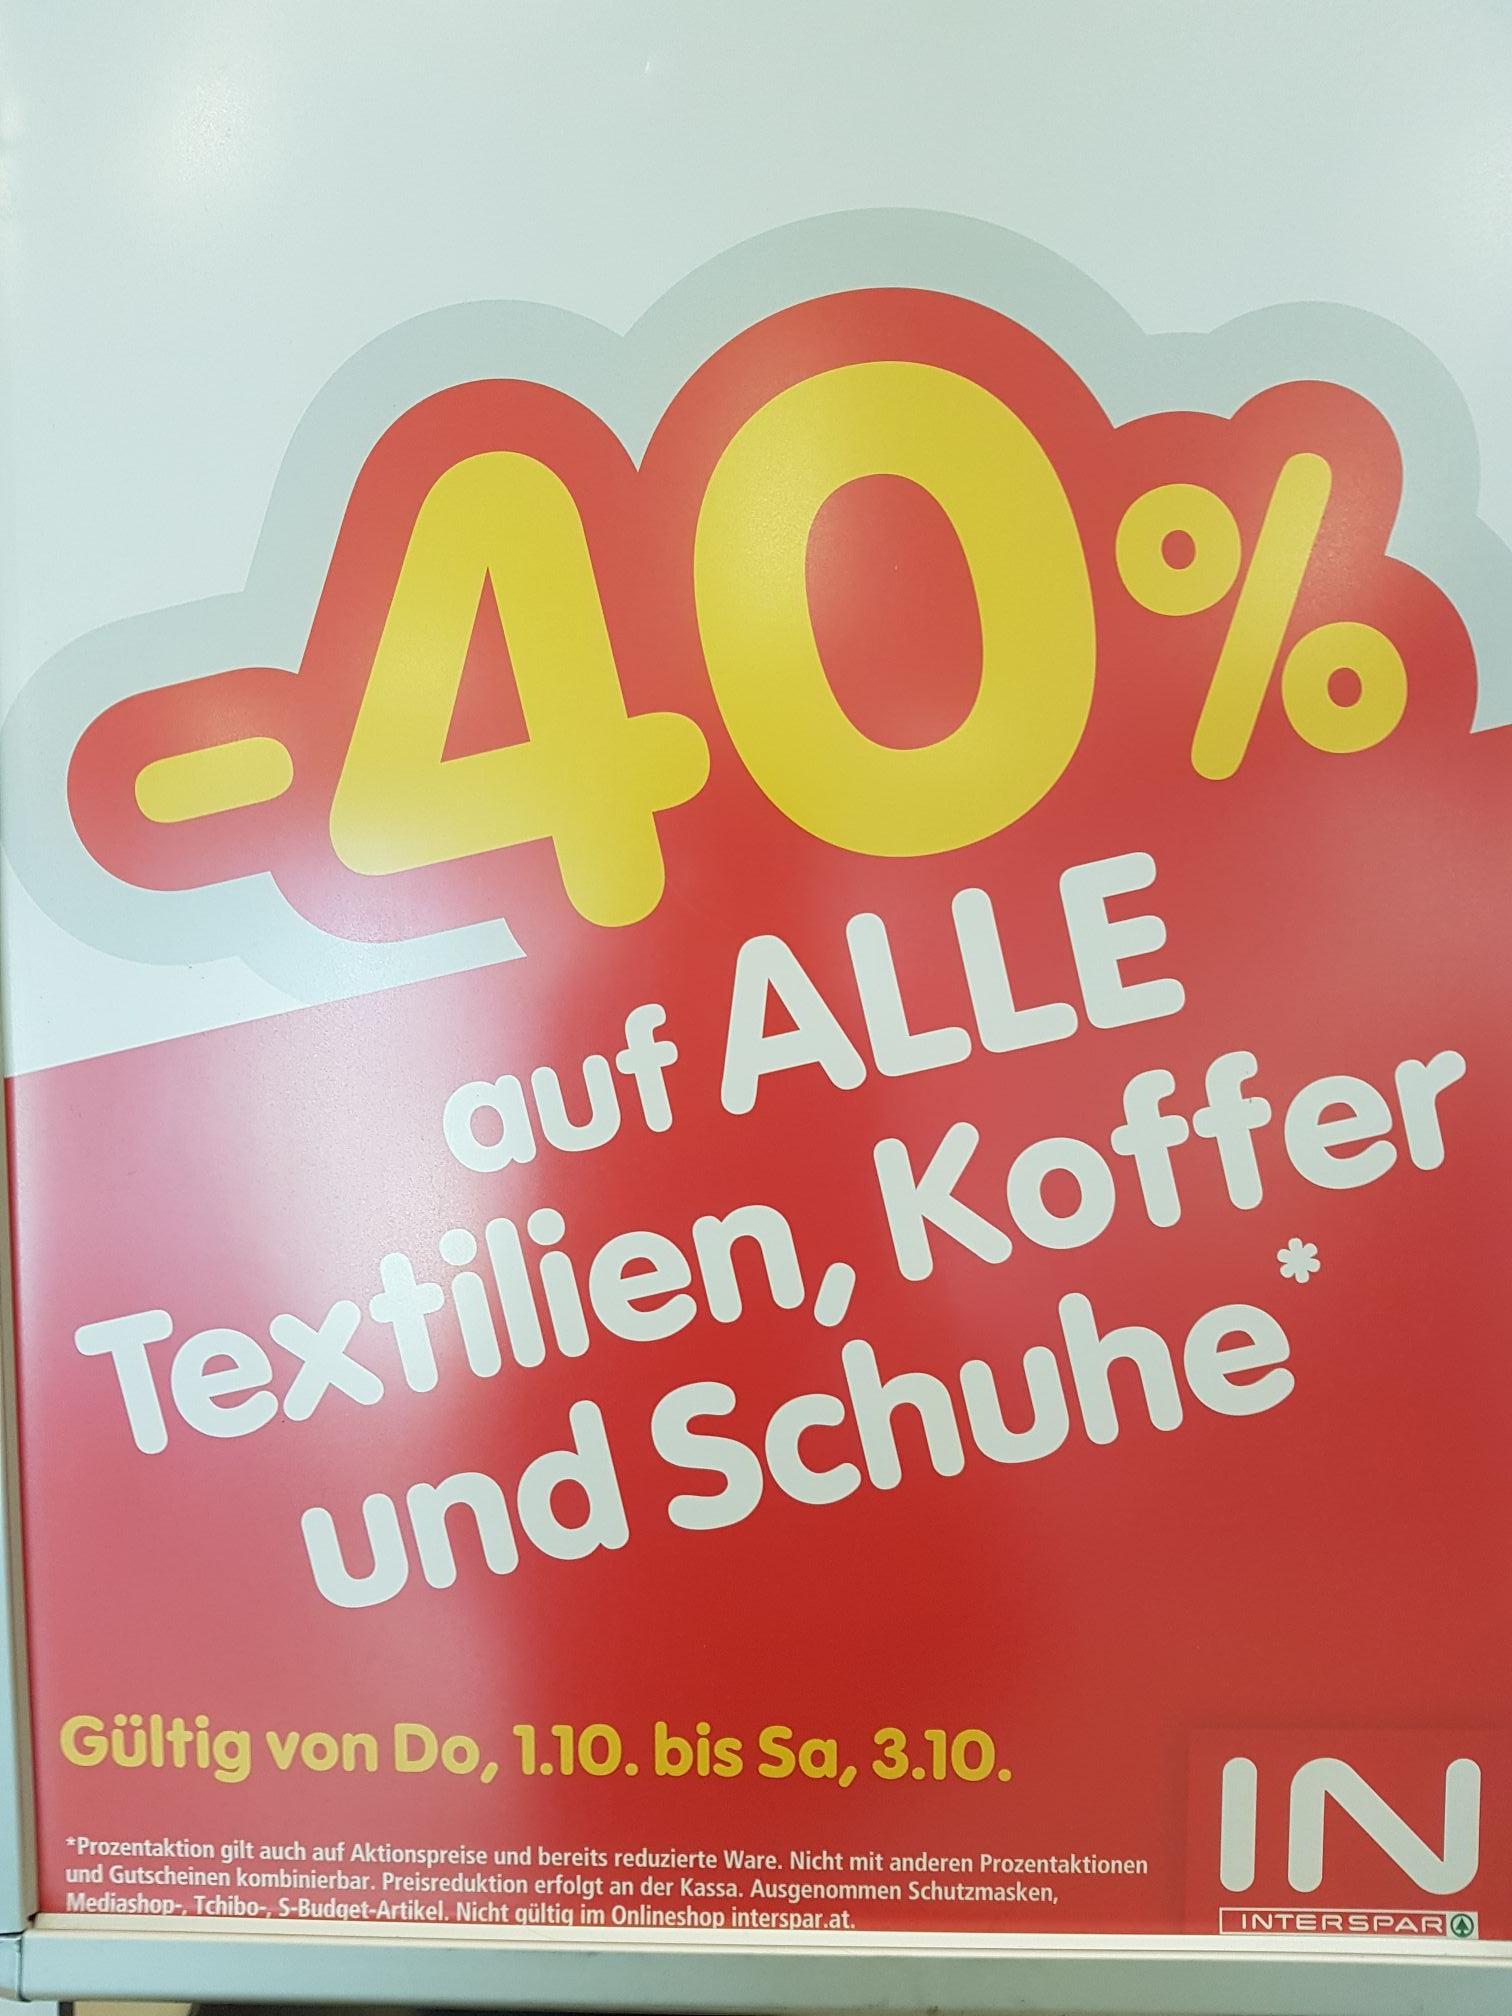 Interspar-40% auf ALLE Textilien Koffer und Schuhe